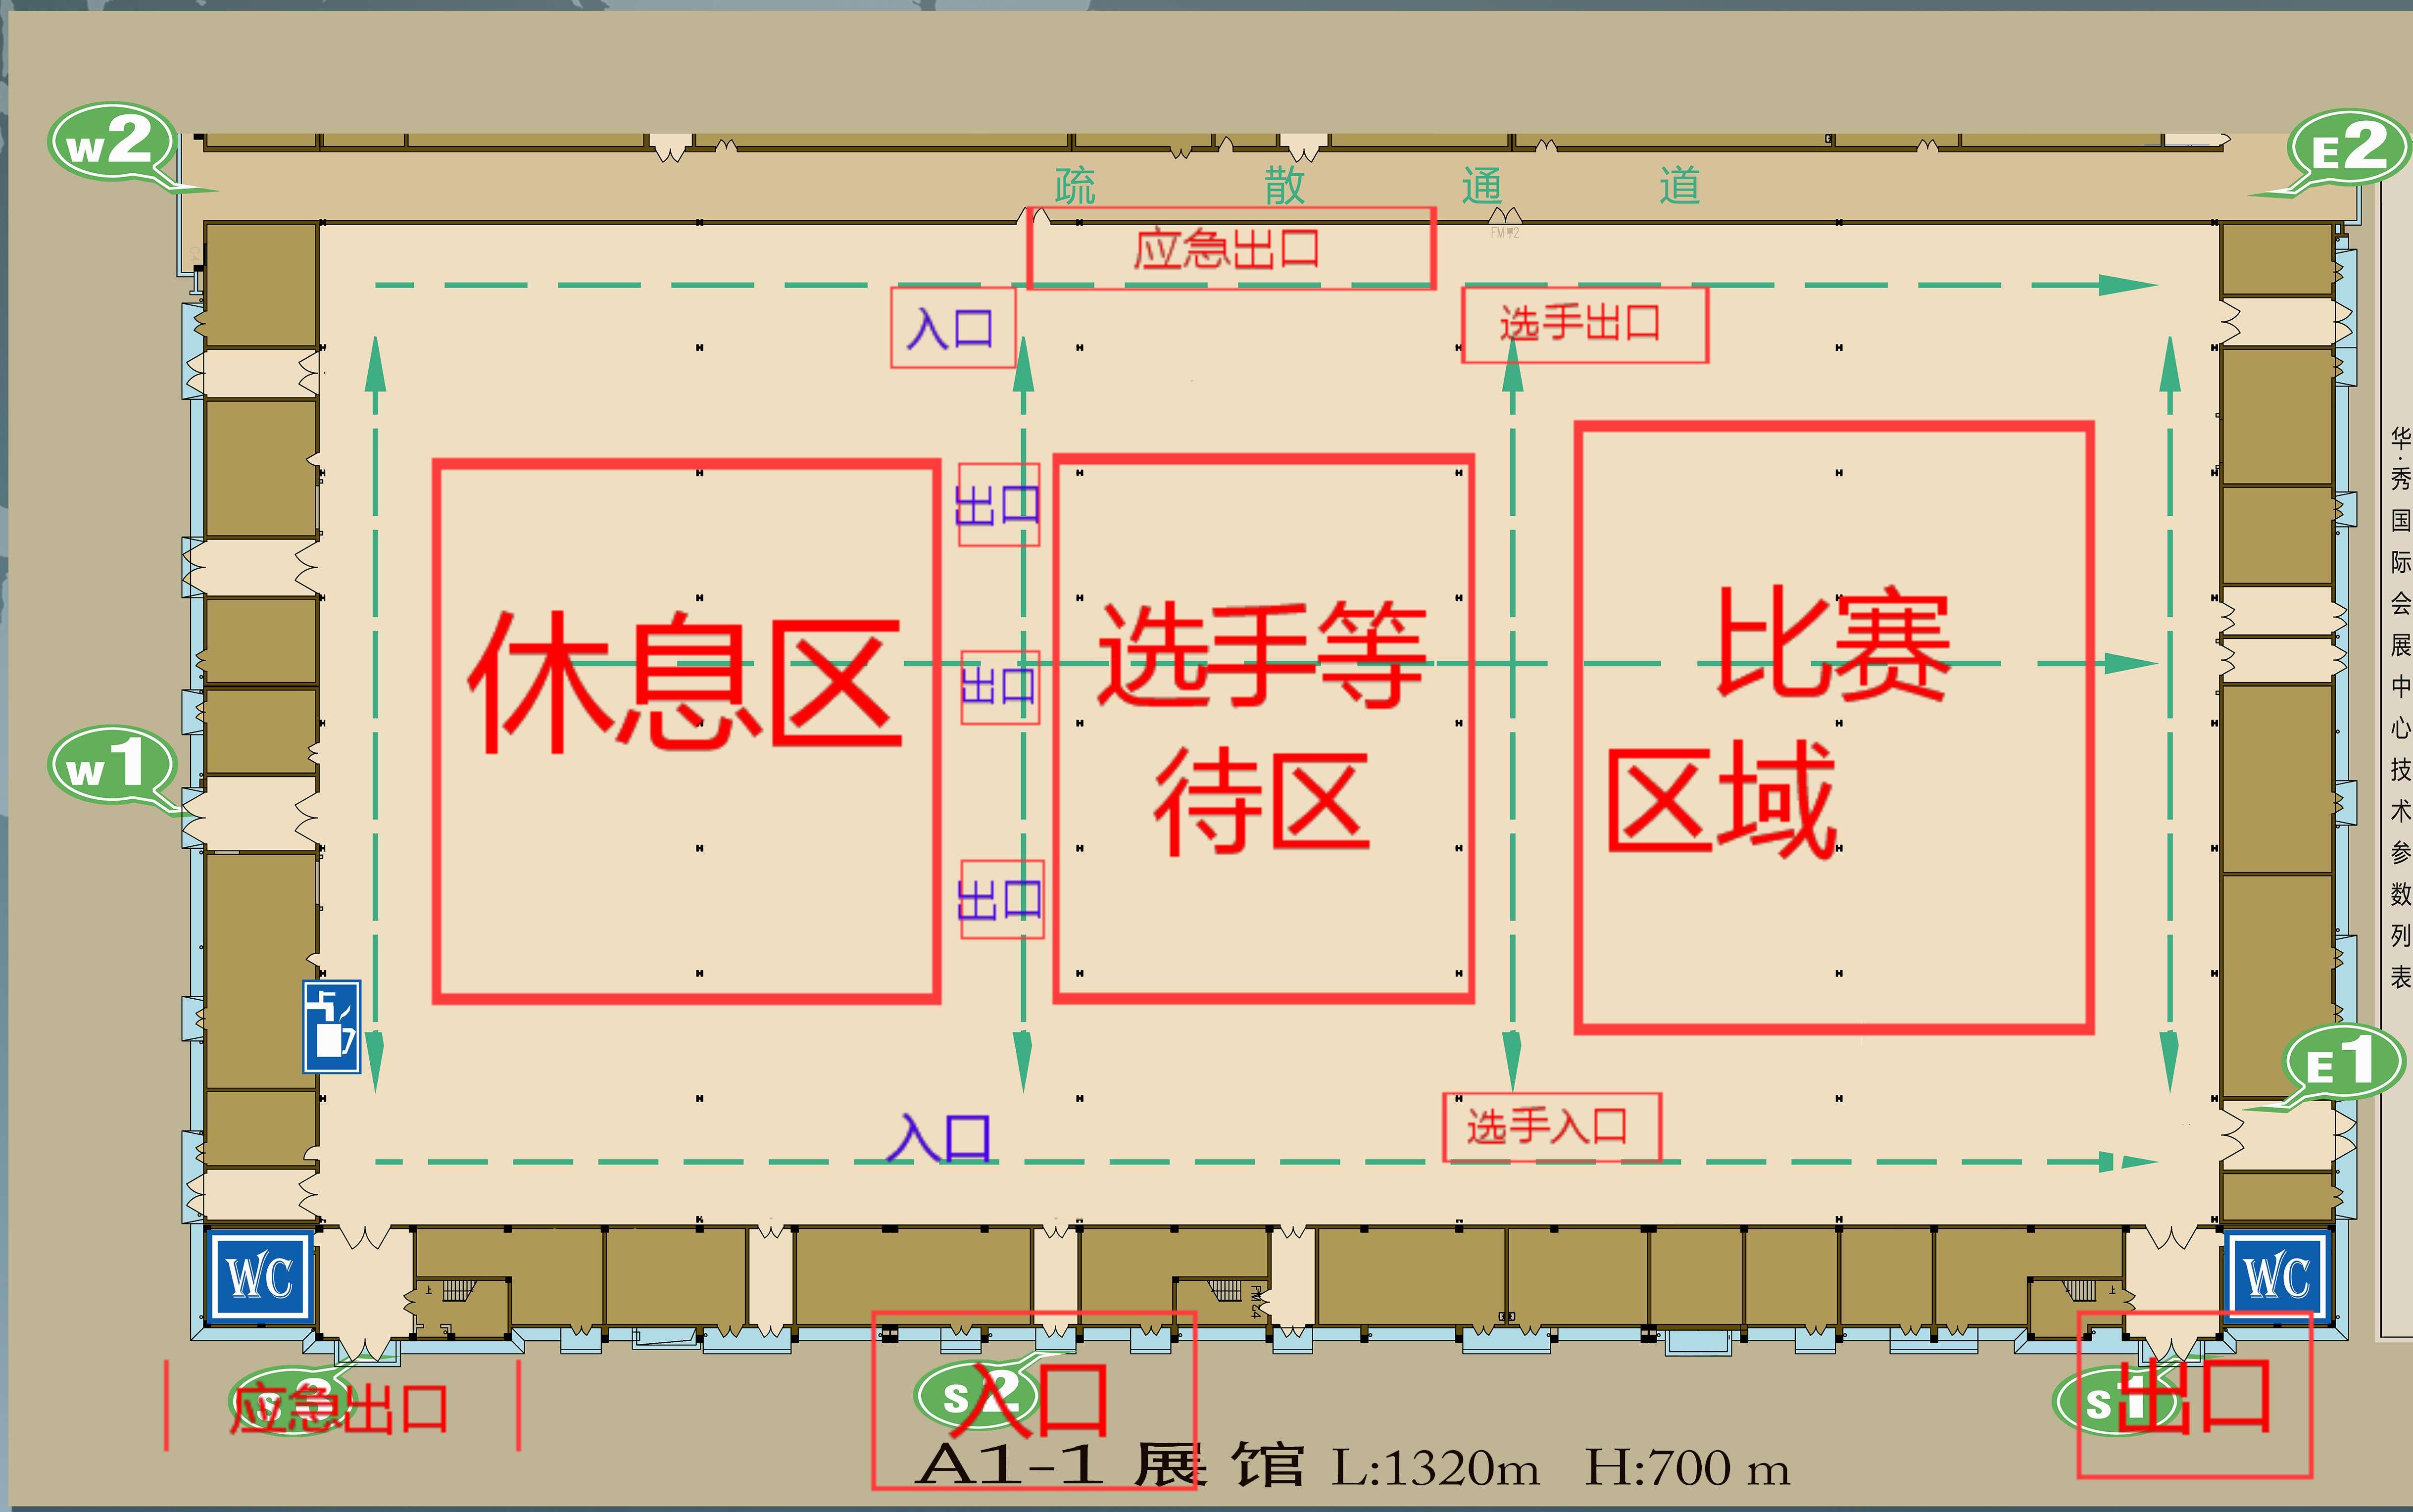 新比赛场地示意图(1).jpg